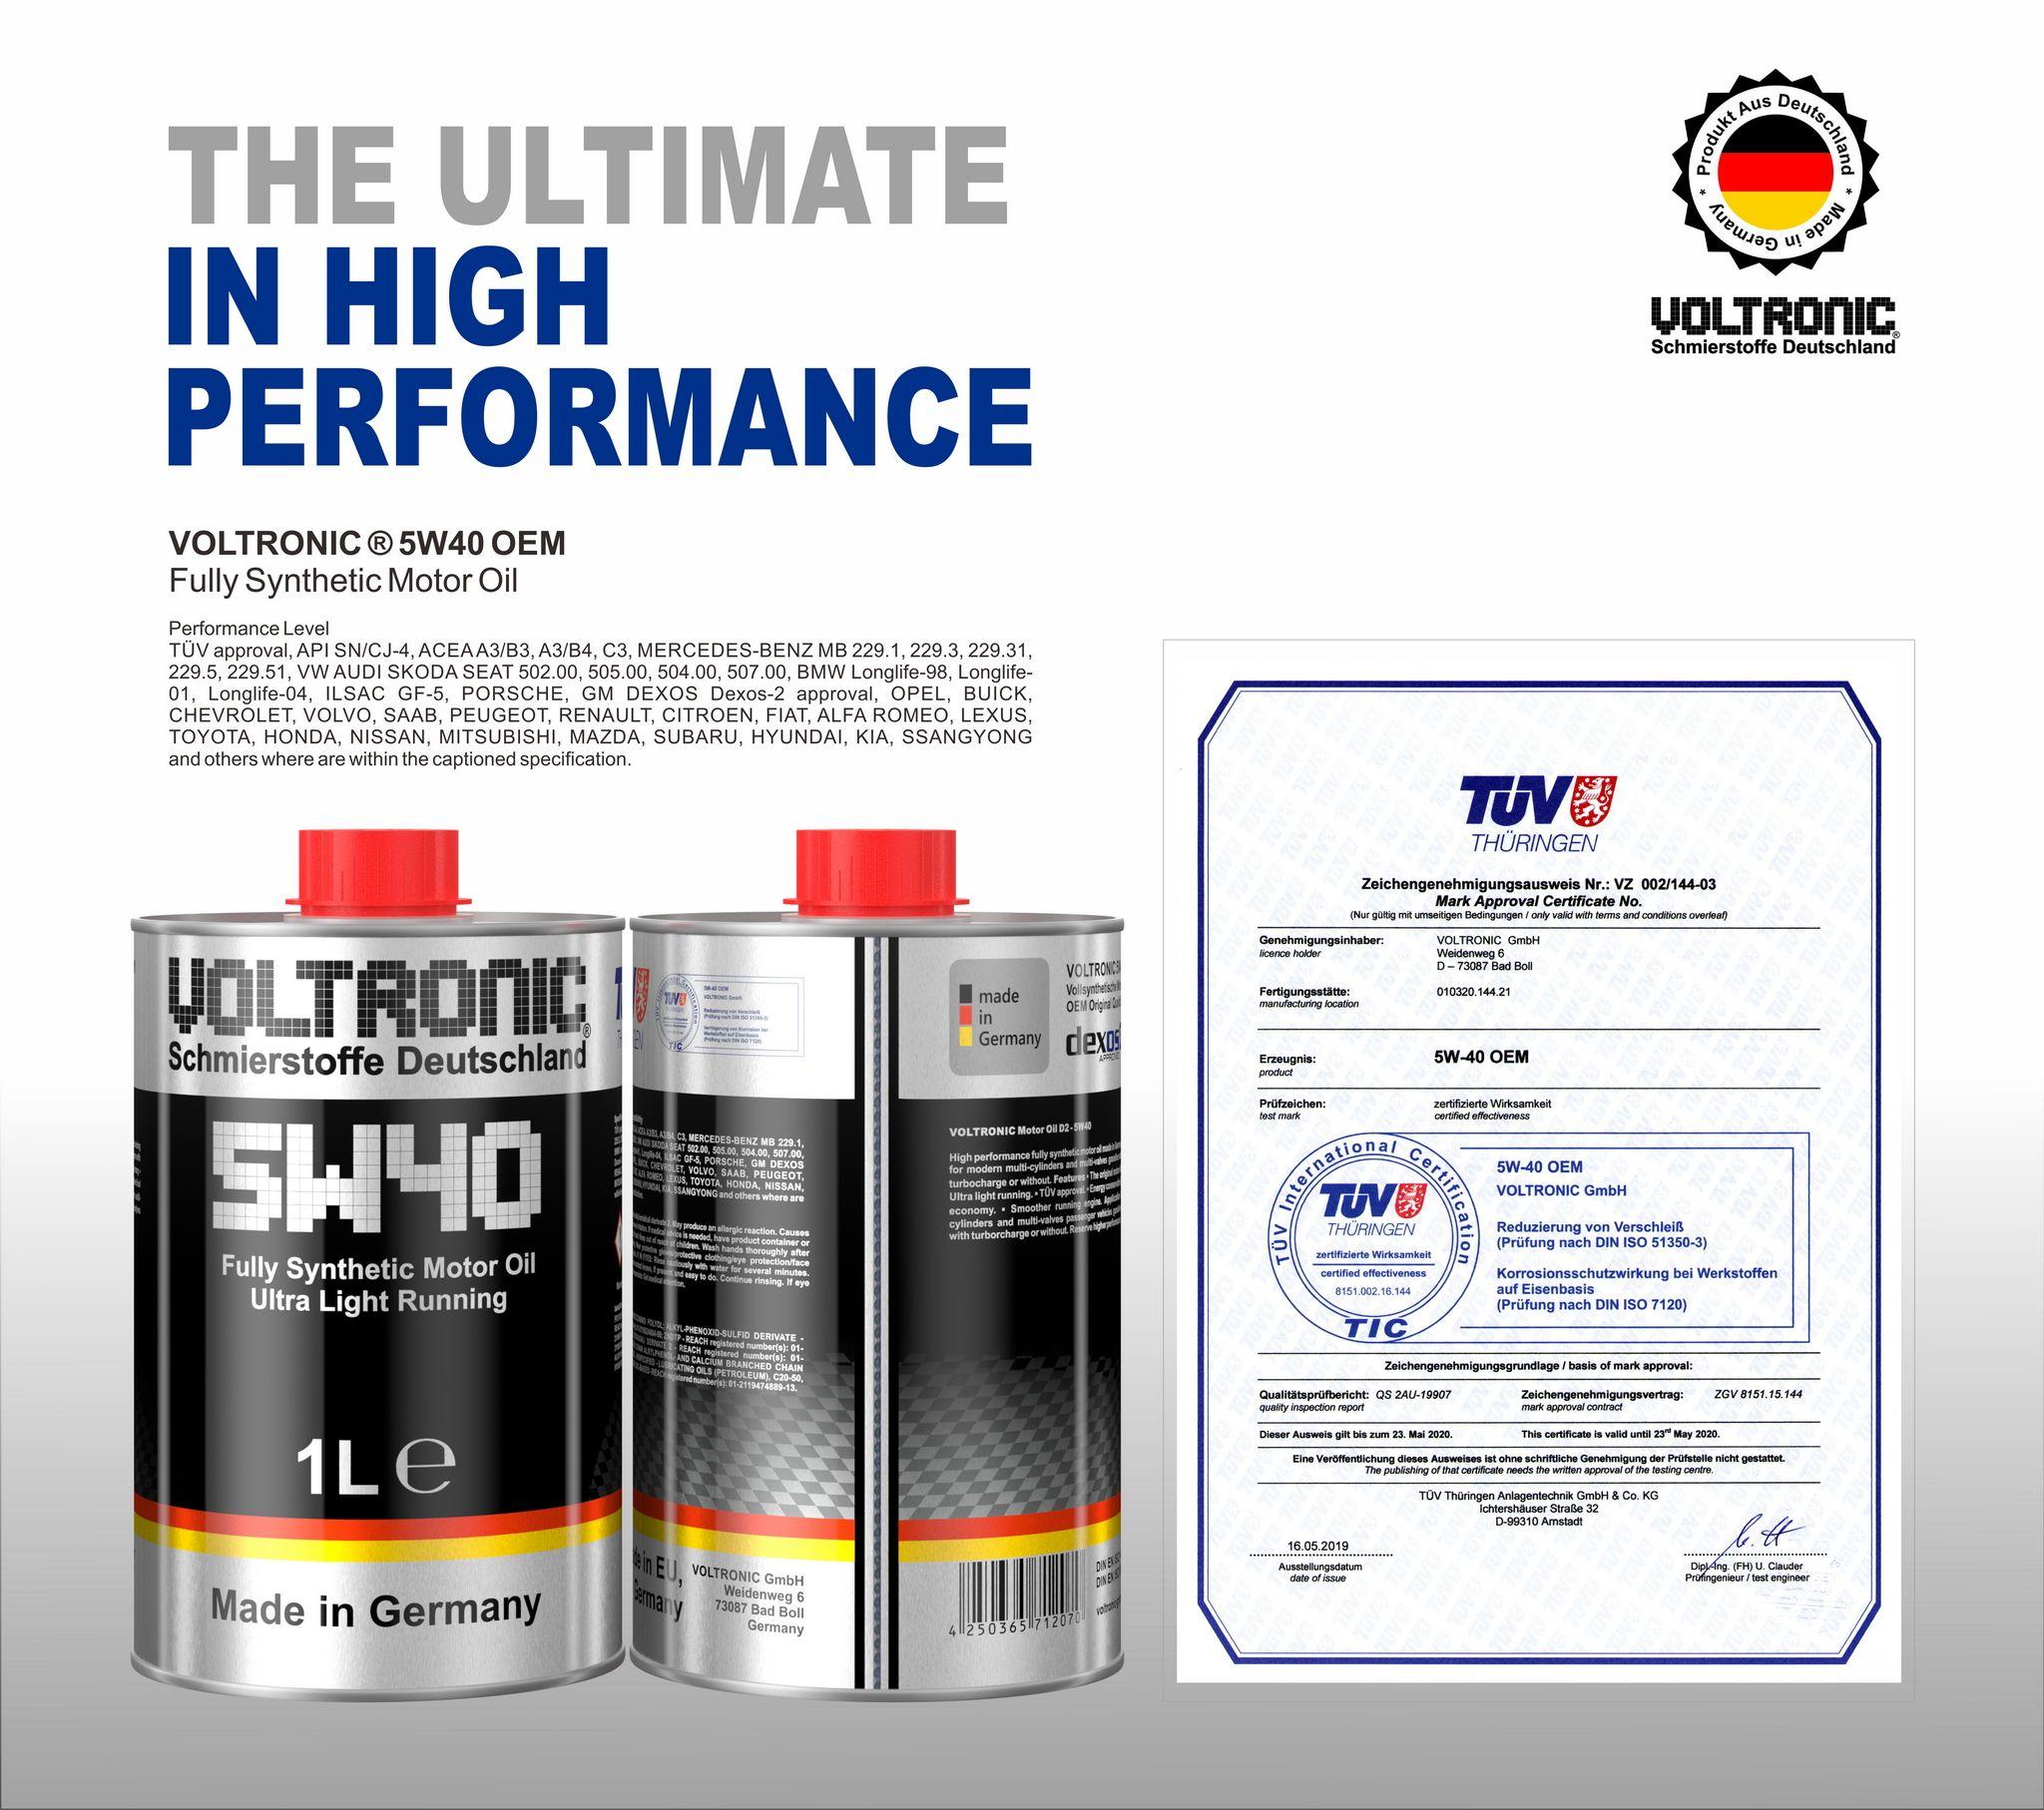 Voltronic 5w40 Oem Motor Oil Motor Oil Performance Oem